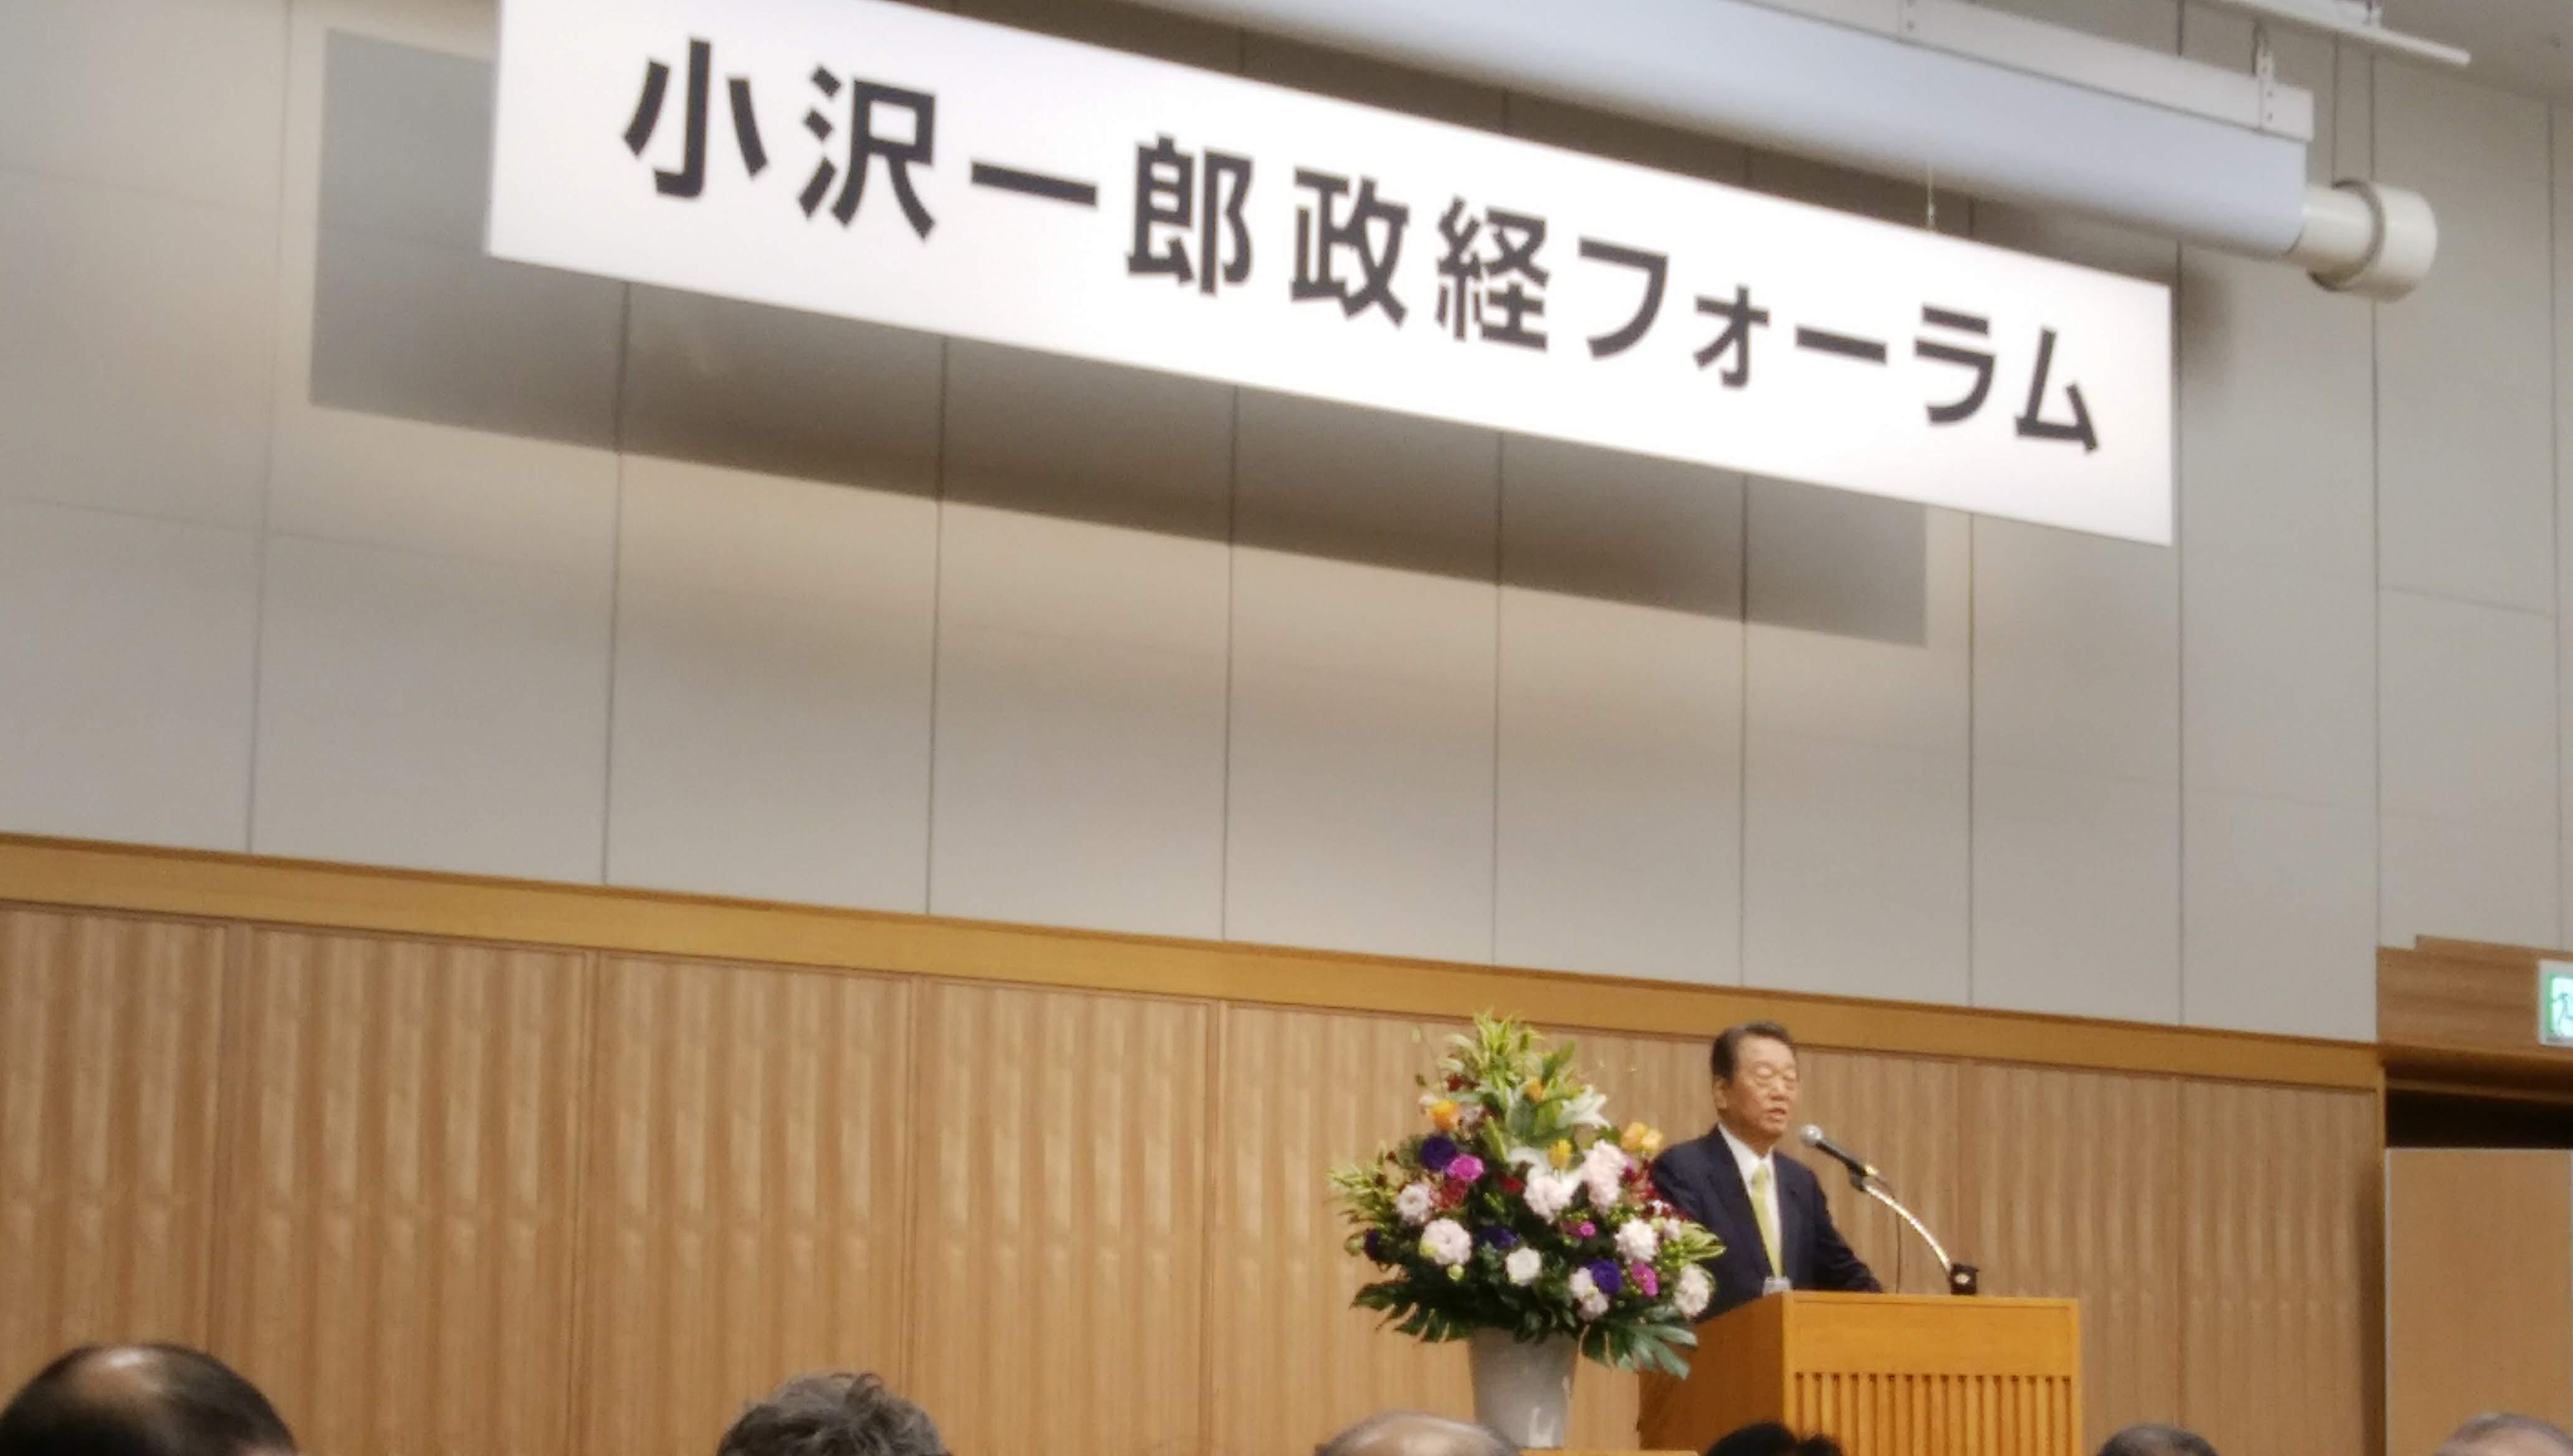 第93回小沢一郎政経フォーラムに参加しました!